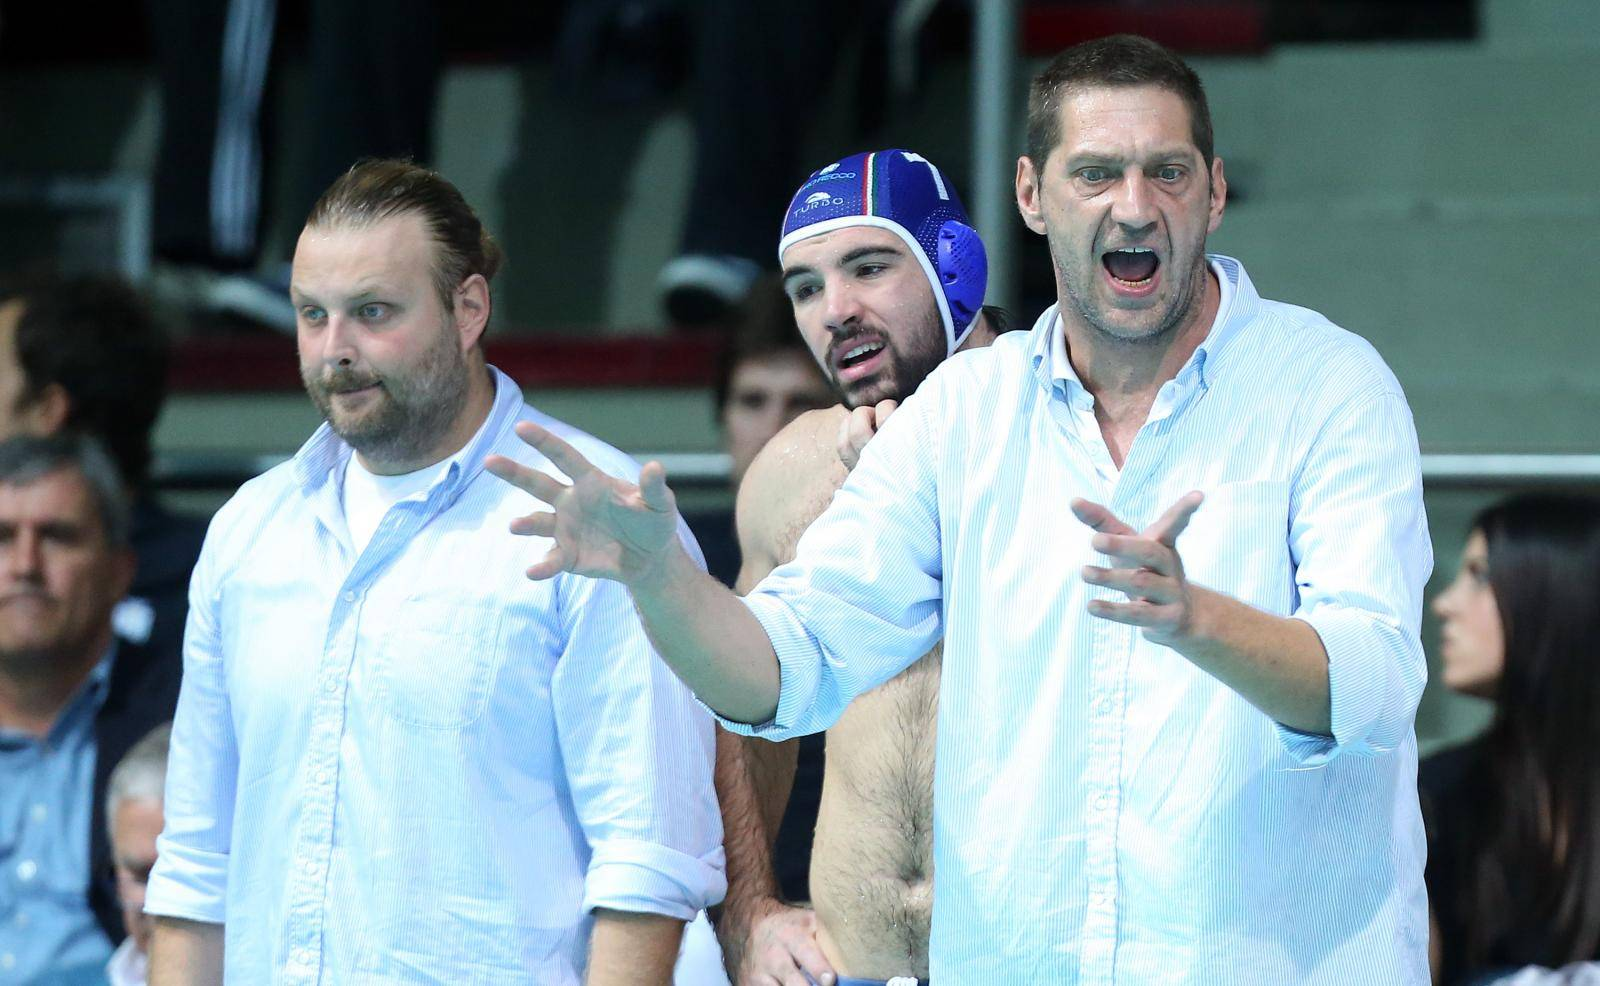 Cirkus u srpskom velikanu: Doveli legendu za trenera pa ga smijenili bez ijedne utakmice!?